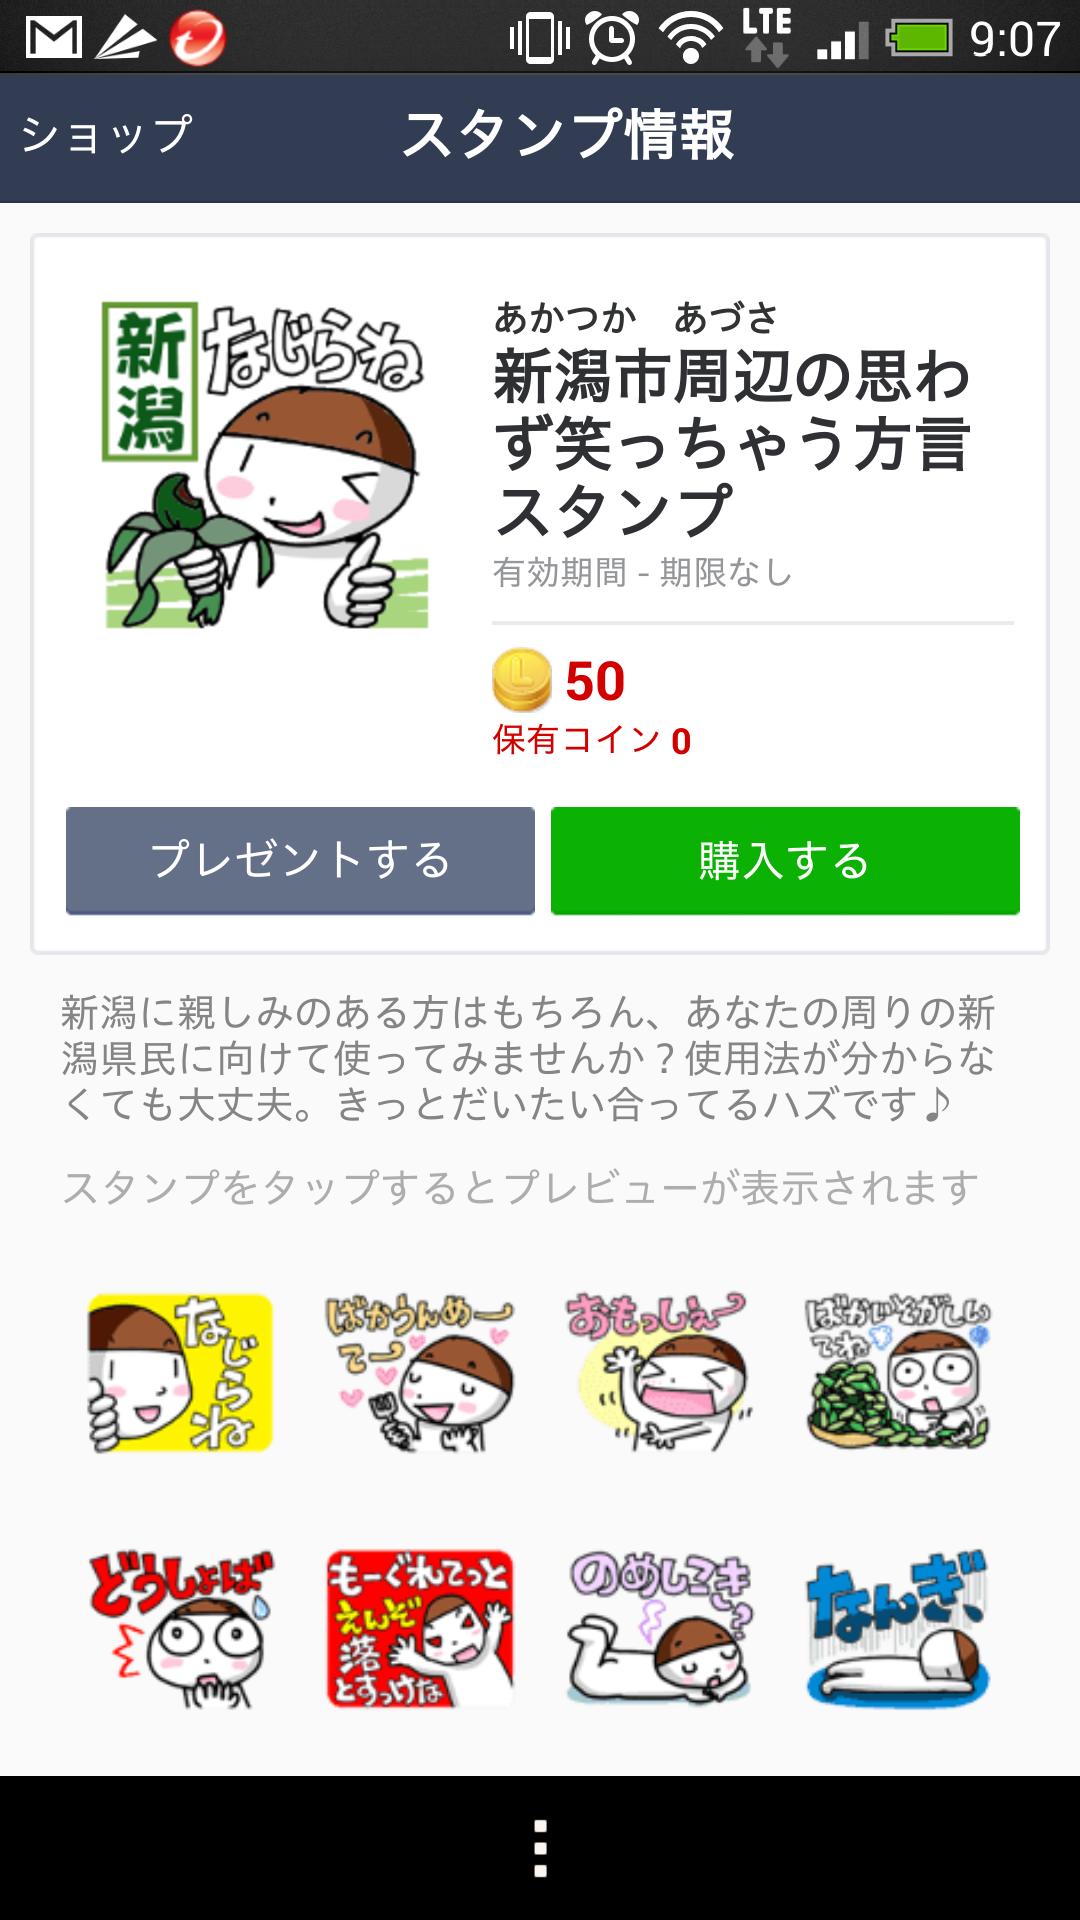 LINEにかわいい「新潟市周辺の思わず笑っちゃう方言スタンプ」が登場!